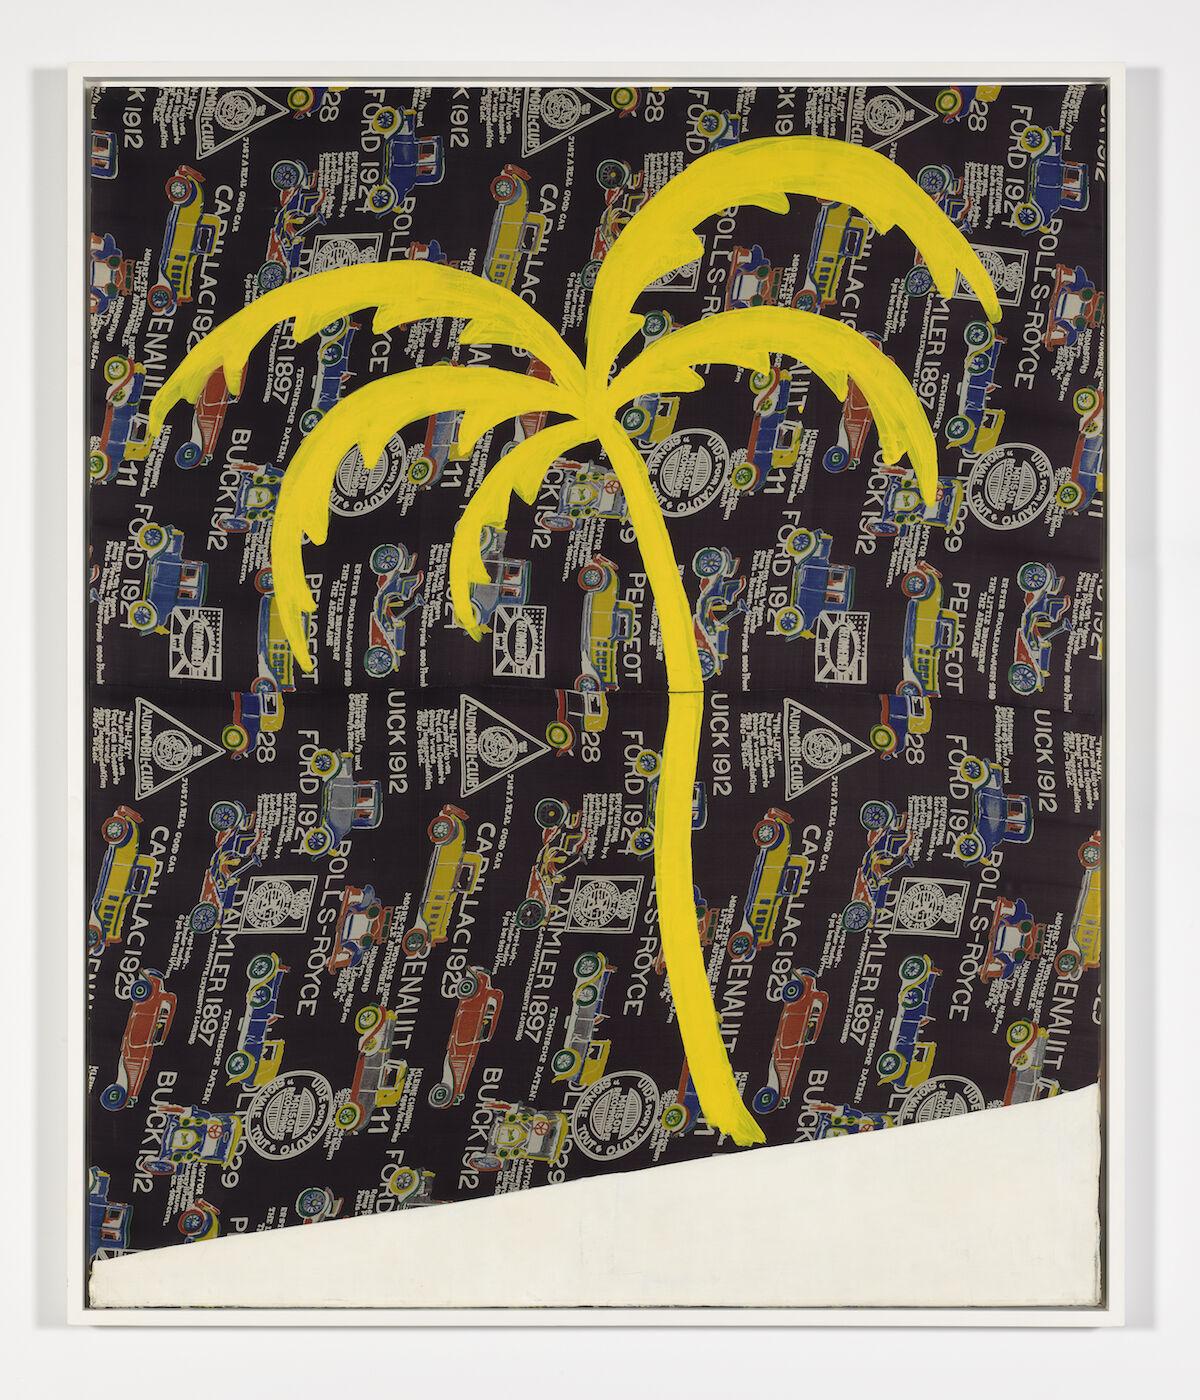 Sigmar Polke, Palme auf Autostoff, 1969. © 2019 The Estate of Sigmar Polke / Artists Rights Society (ARS), New York / VG Bild-Kunst, Bonn, Germany. Courtesy of David Zwirner.